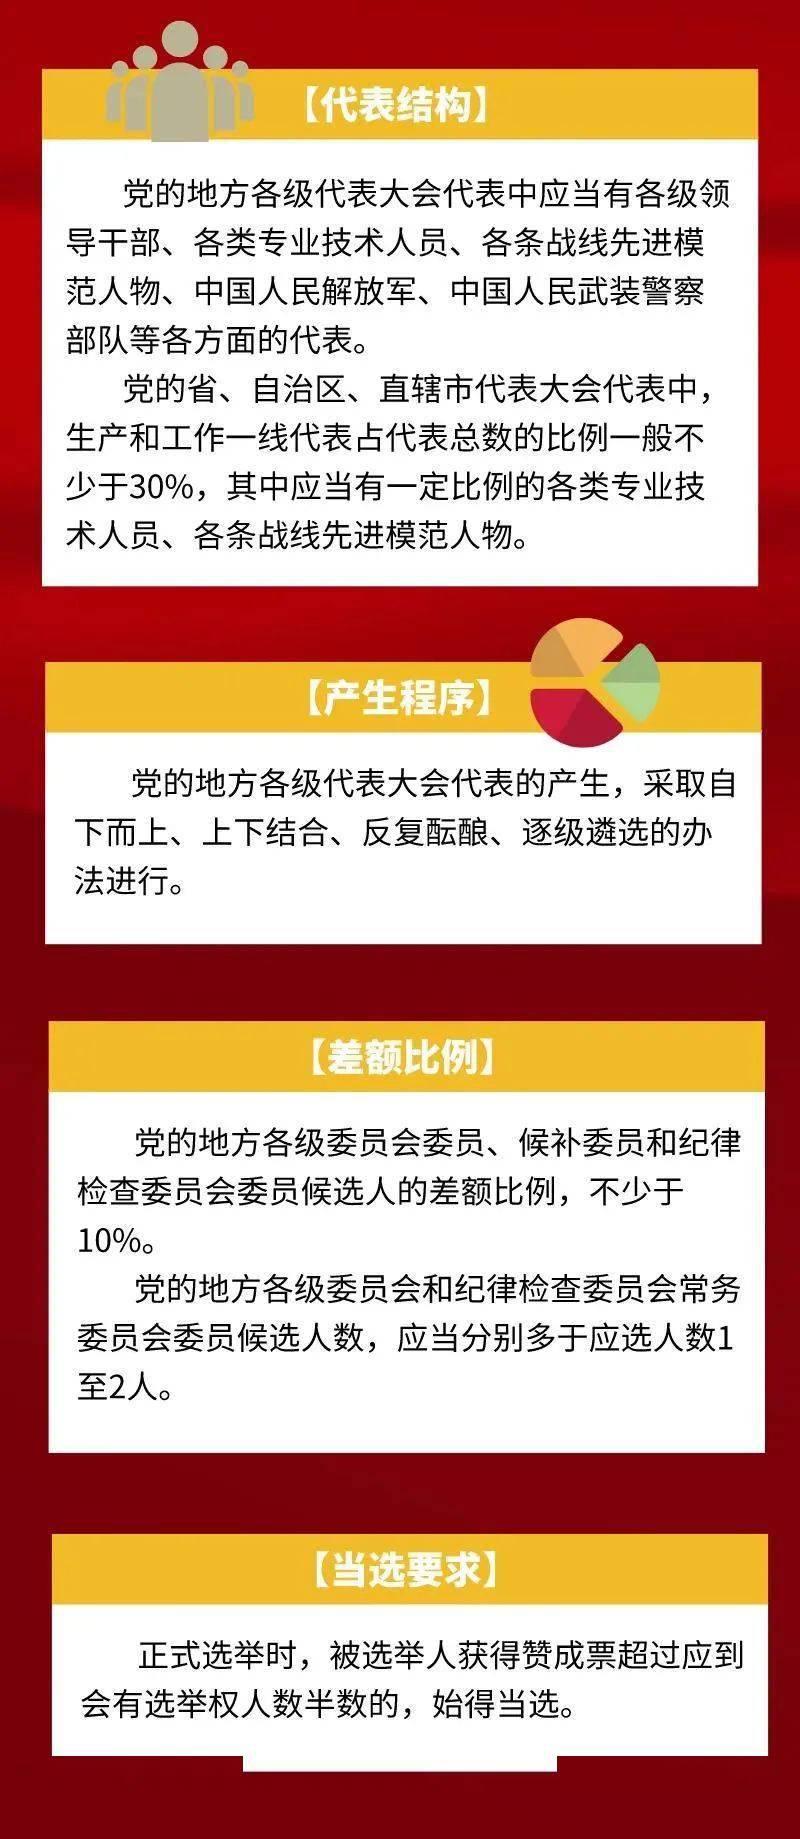 【渝中理论微课堂】党的地方组织怎么选?